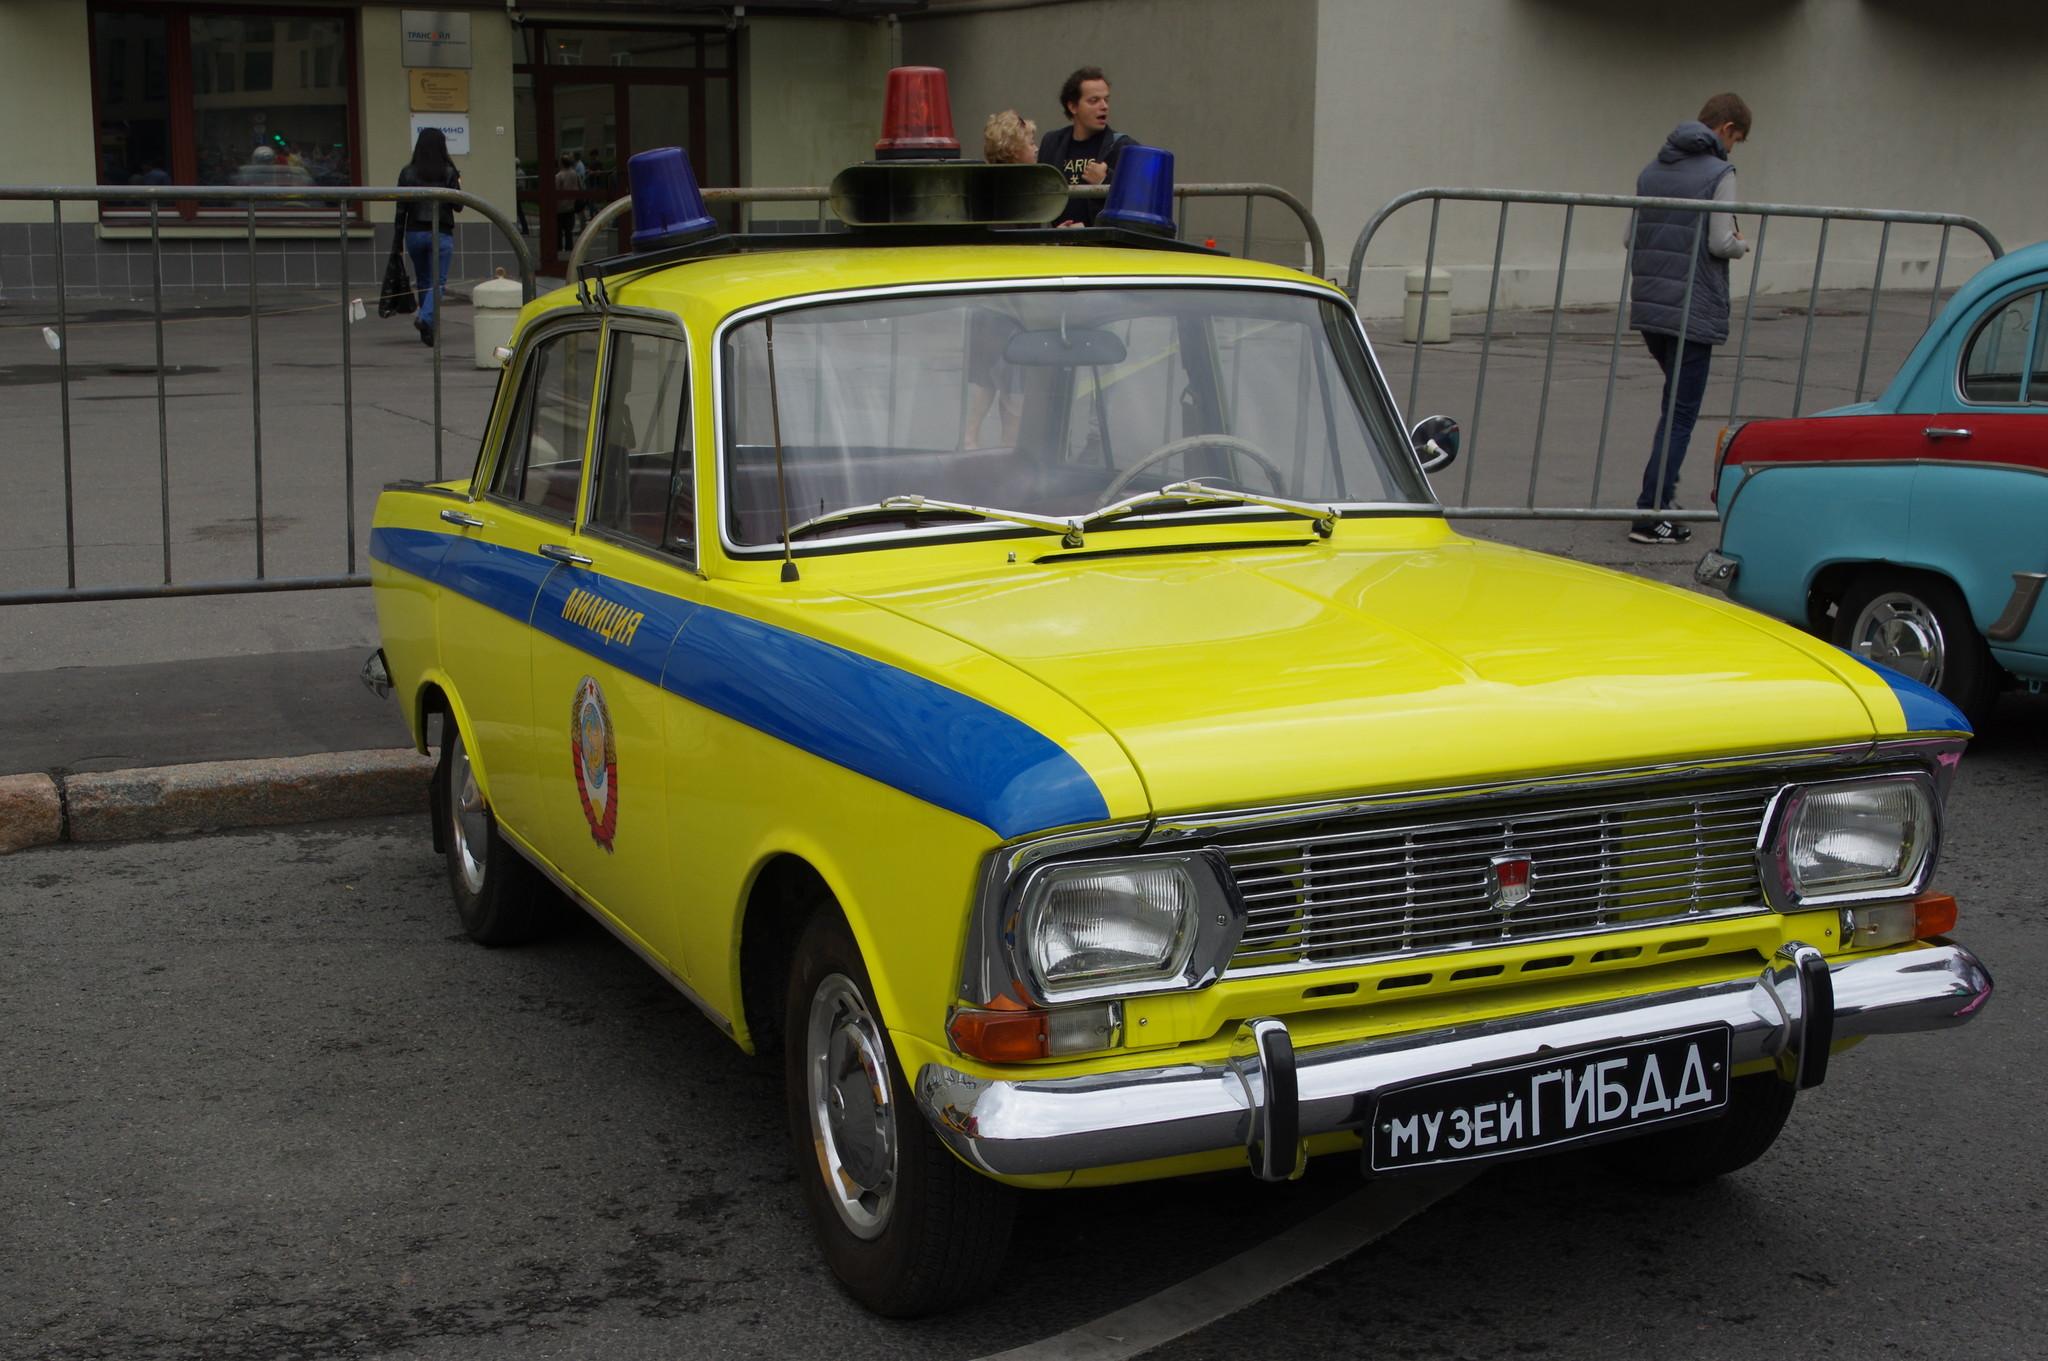 Милицейский автомобиль «Москвич» (Музей ГИБДД)